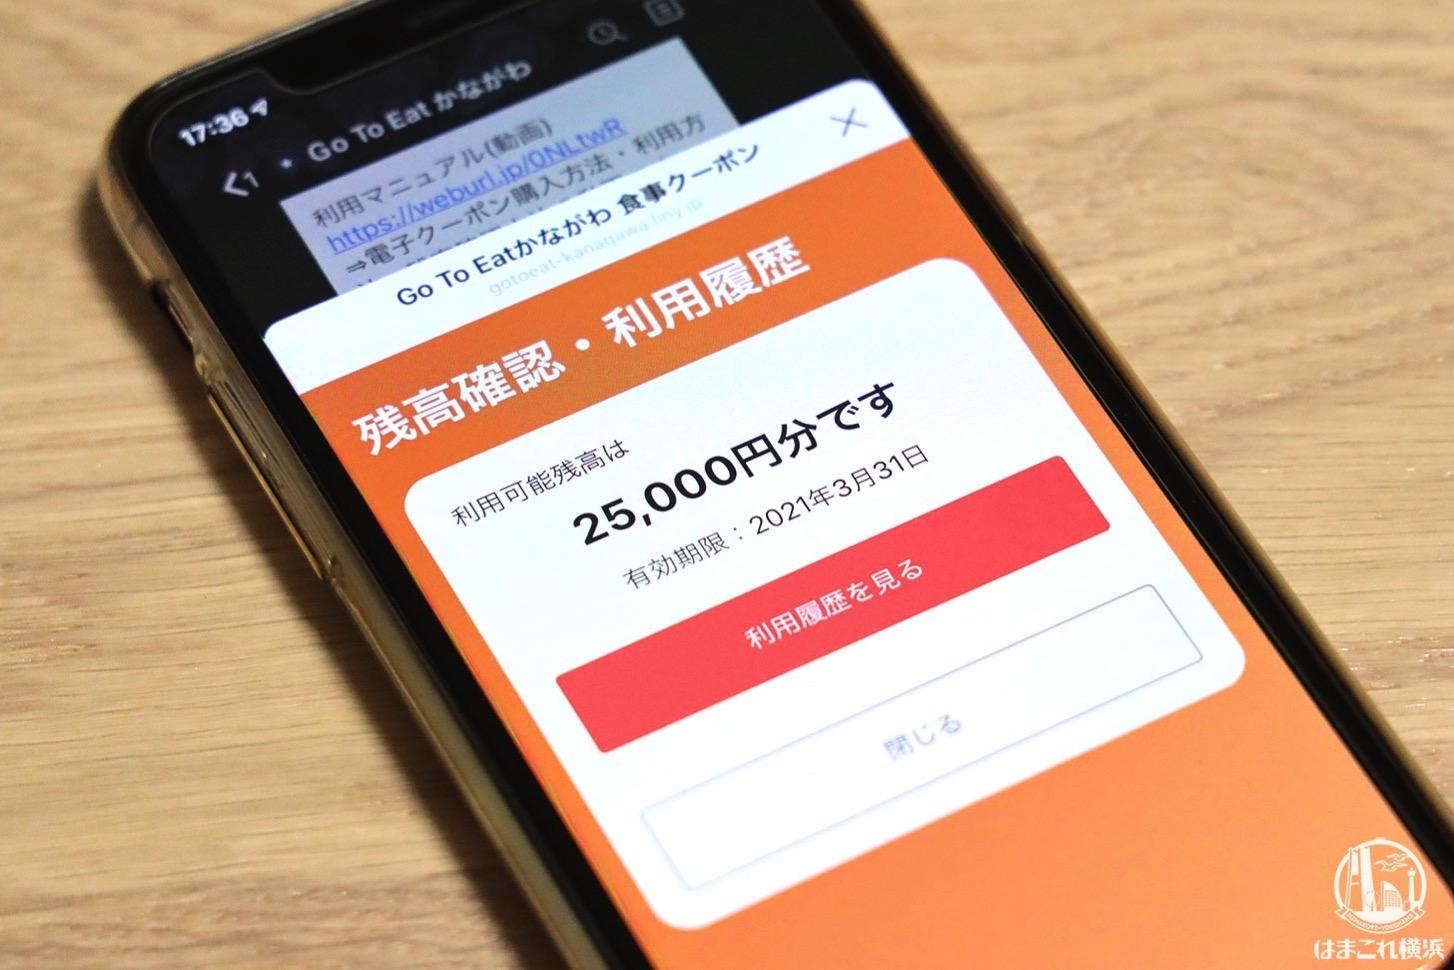 """神奈川県GoToイート食事券 LINEで""""電子クーポン""""使用する方法と残高確認・画像で解説"""